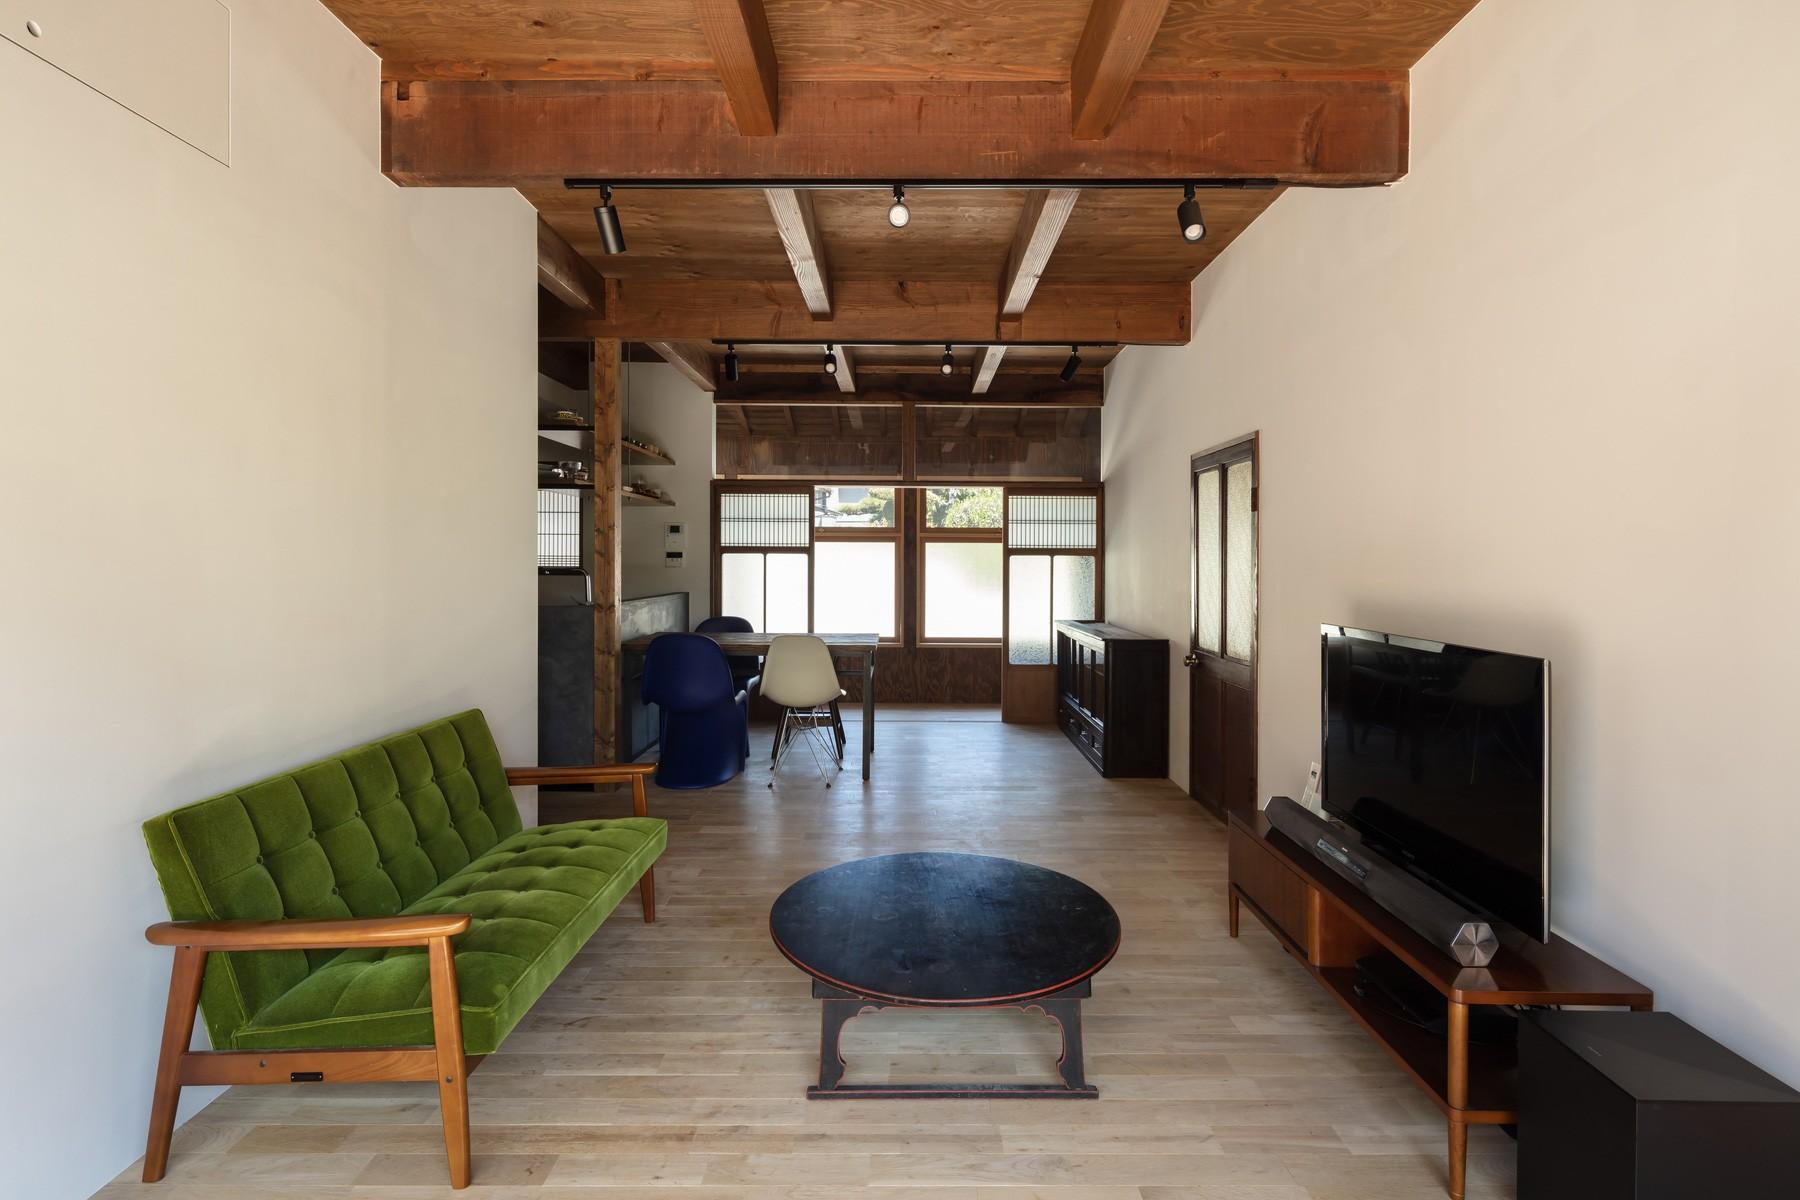 リビングダイニング事例:透き間の家|入れ子状の町屋のリノベーション(透き間の家|土間と縁側で包む町屋リノベーション【奈良市】)